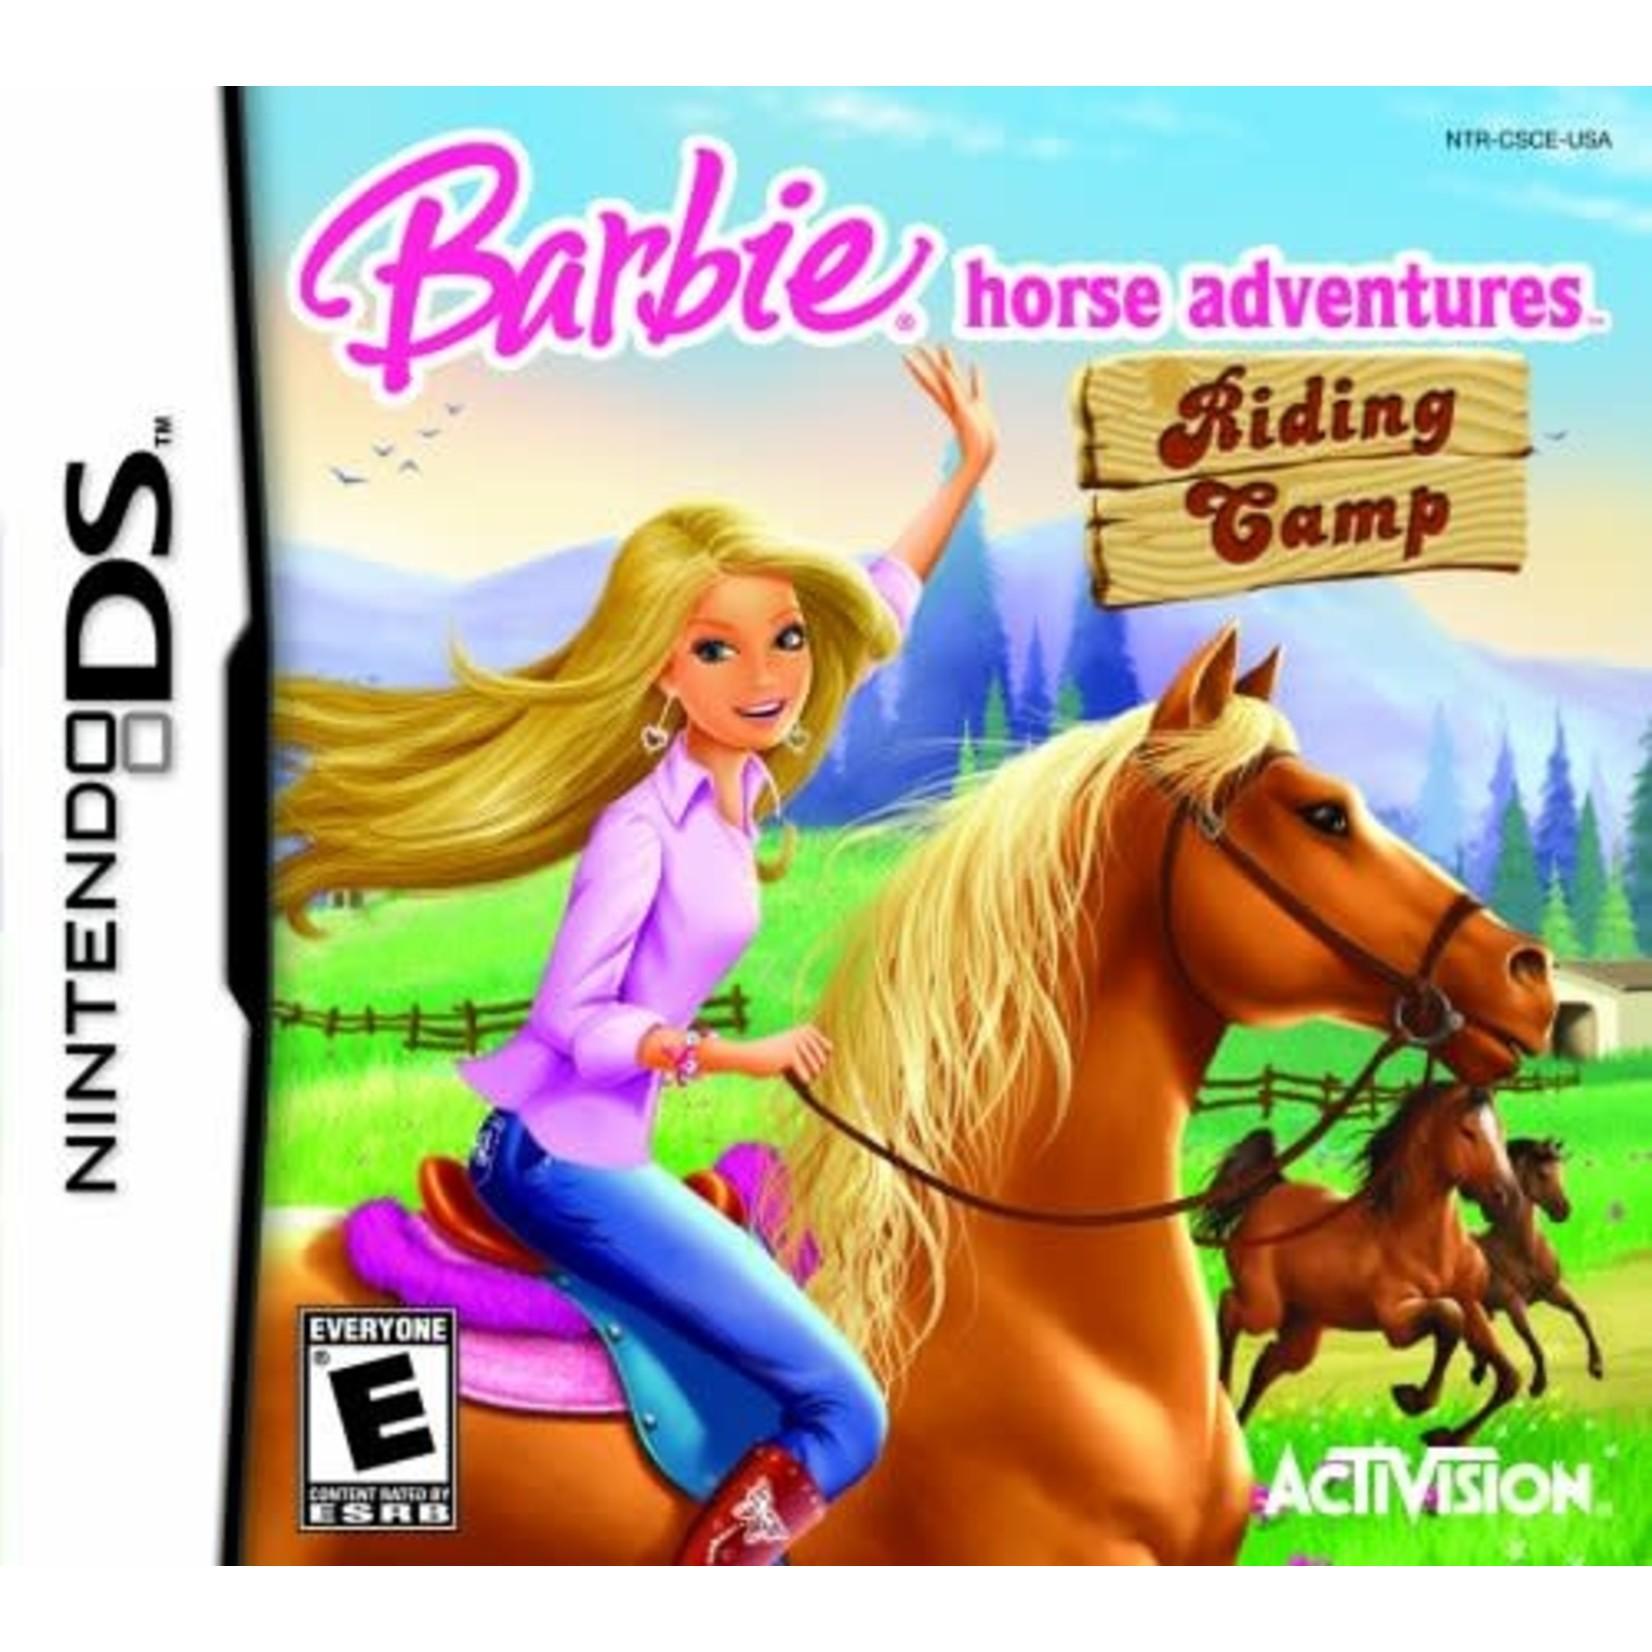 DSU-Barbie Horse Adventures: Riding Camp